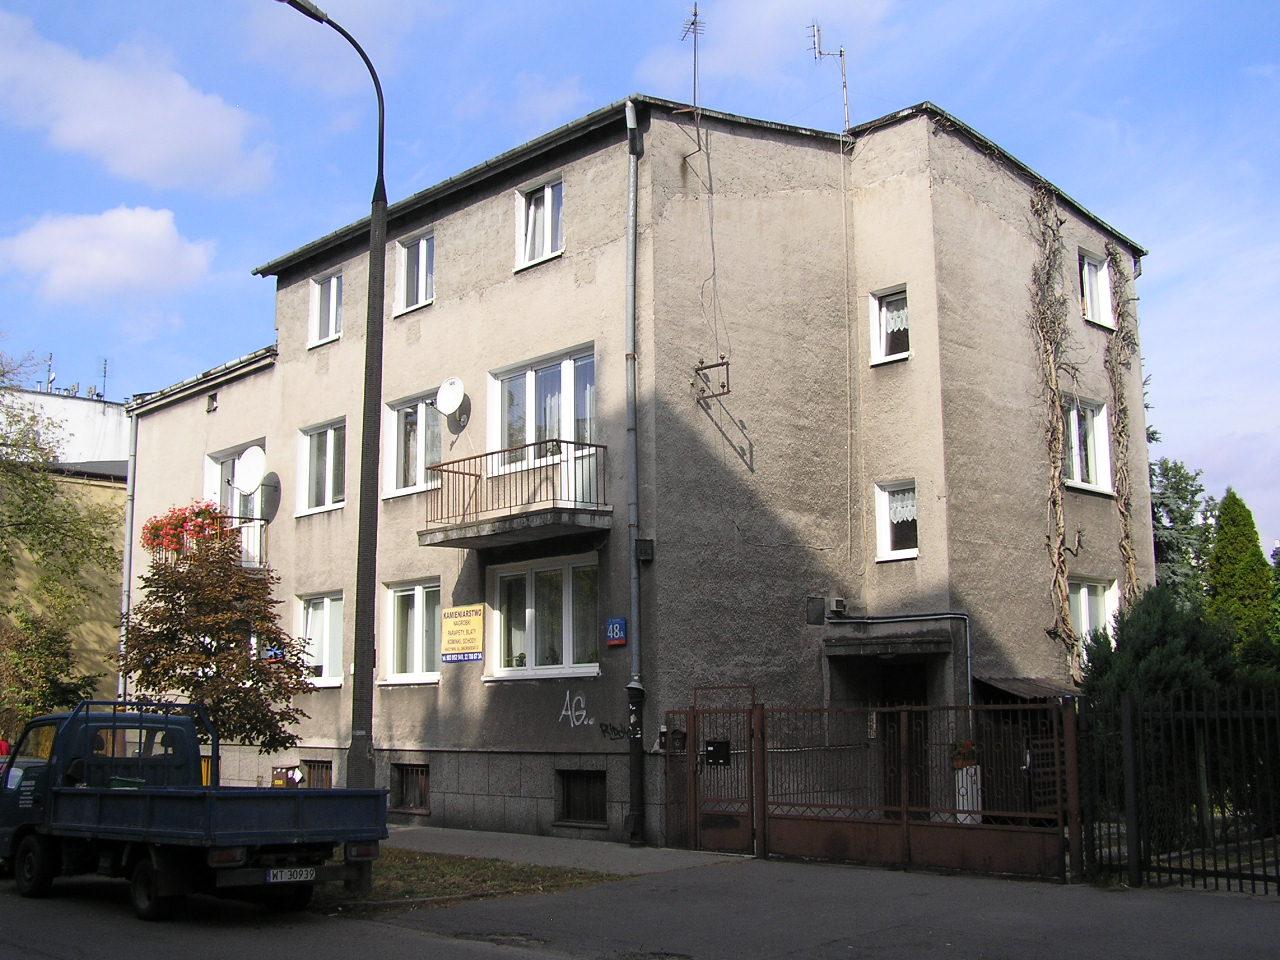 Osowska 48A